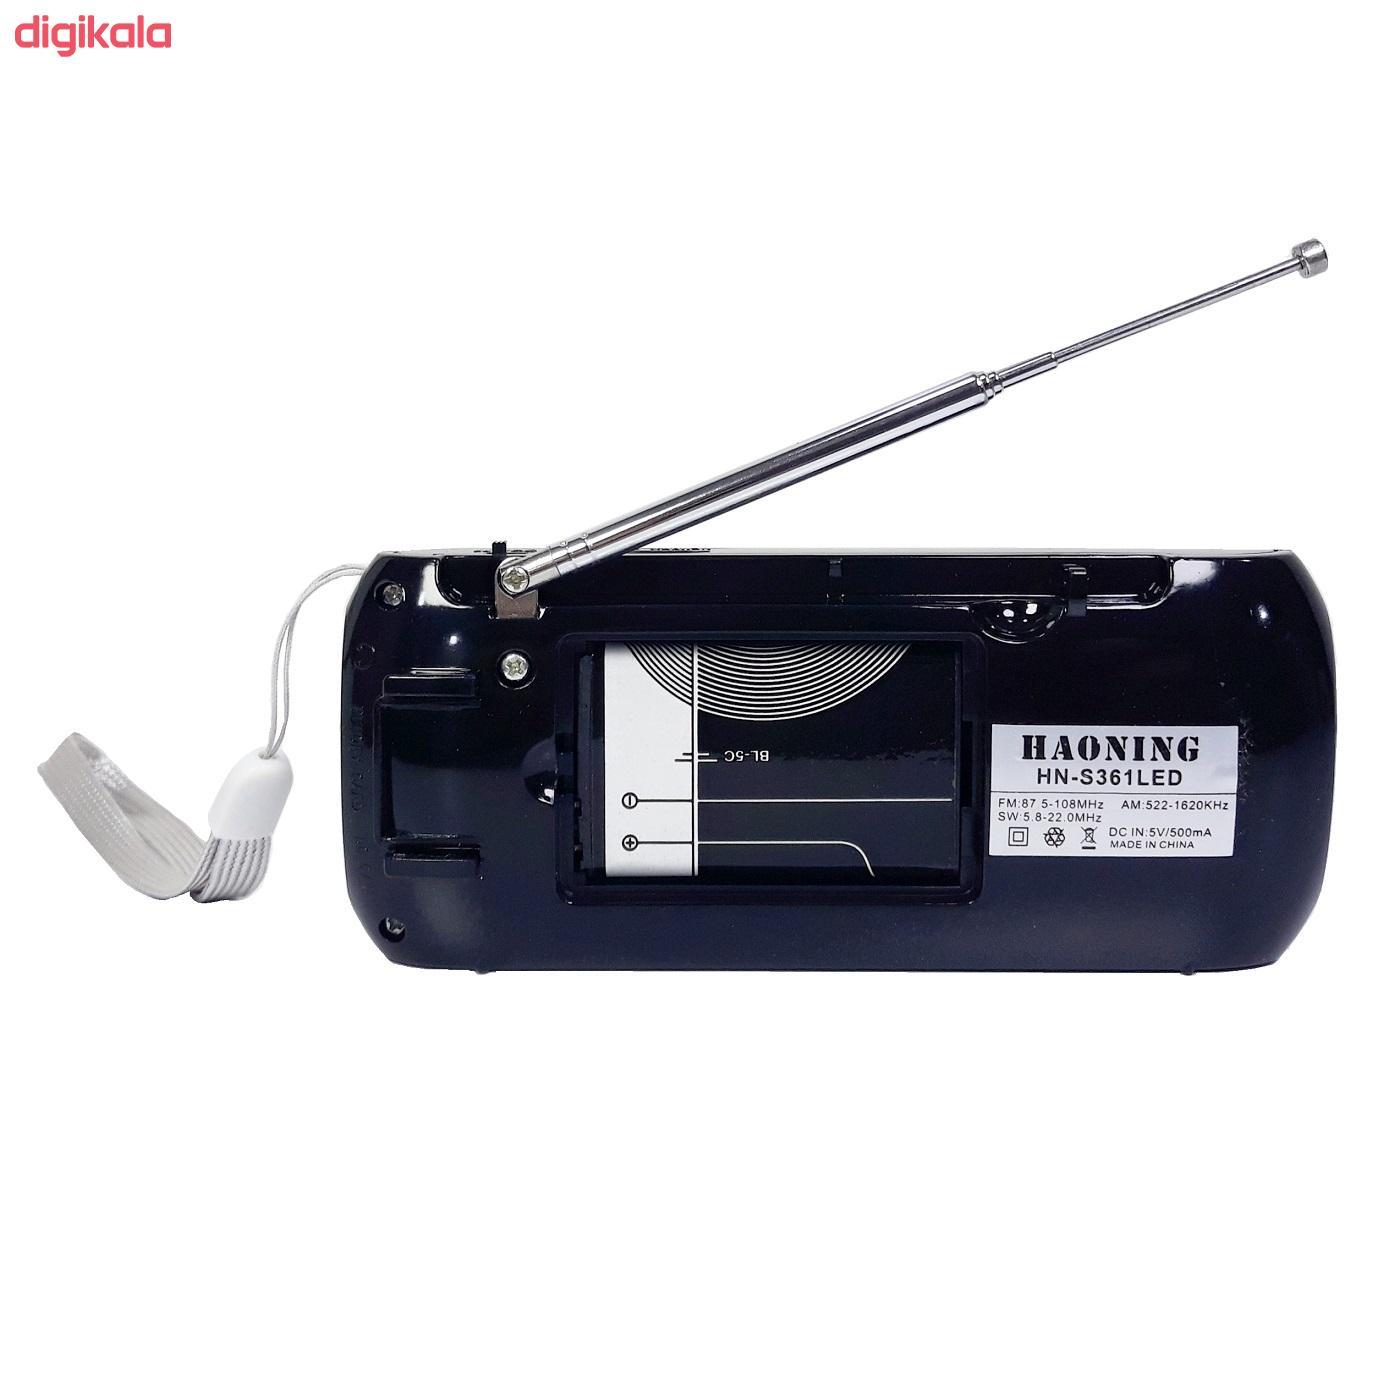 رادیو هائونینگ مدل HN-361LED main 1 4